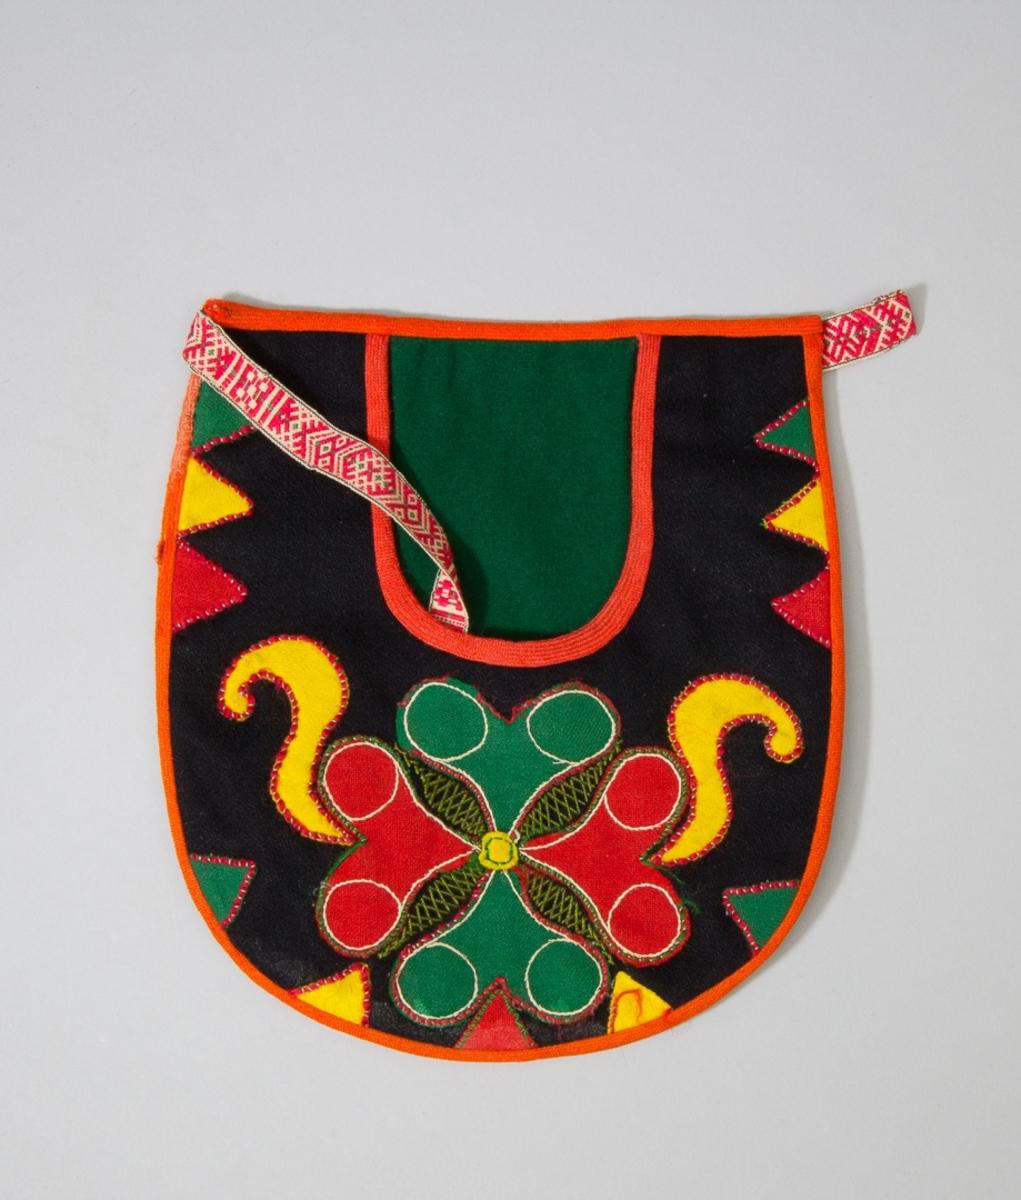 Kjolsäck till dräkt för kvinna från Leksands socken, Dalarna. Modell med u-formad öppning för handen. Tillverkad av svart ylletyg med applikationer av tunna ylletyger i rött, grönt och gult, fastsydda med ullgarn: läggsöm. Centralt placerat hjärtmotiv med slingor och trekanter på sidorna. Sparsamt broderi vid mittmotivet: flätsöm och stjälksöm, sydda med grönt och vitt bomullsgarn. Framstycket fodrat med svart tyg, fabriksvävt. Kantning runtom med rött diagonalvävt band. Grönt kläde i öppningens spegel. Bakstycke av svart kläde. Midjeband fabriksvävt, med plockat mönster i rött på vit botten med hake och trådträns.